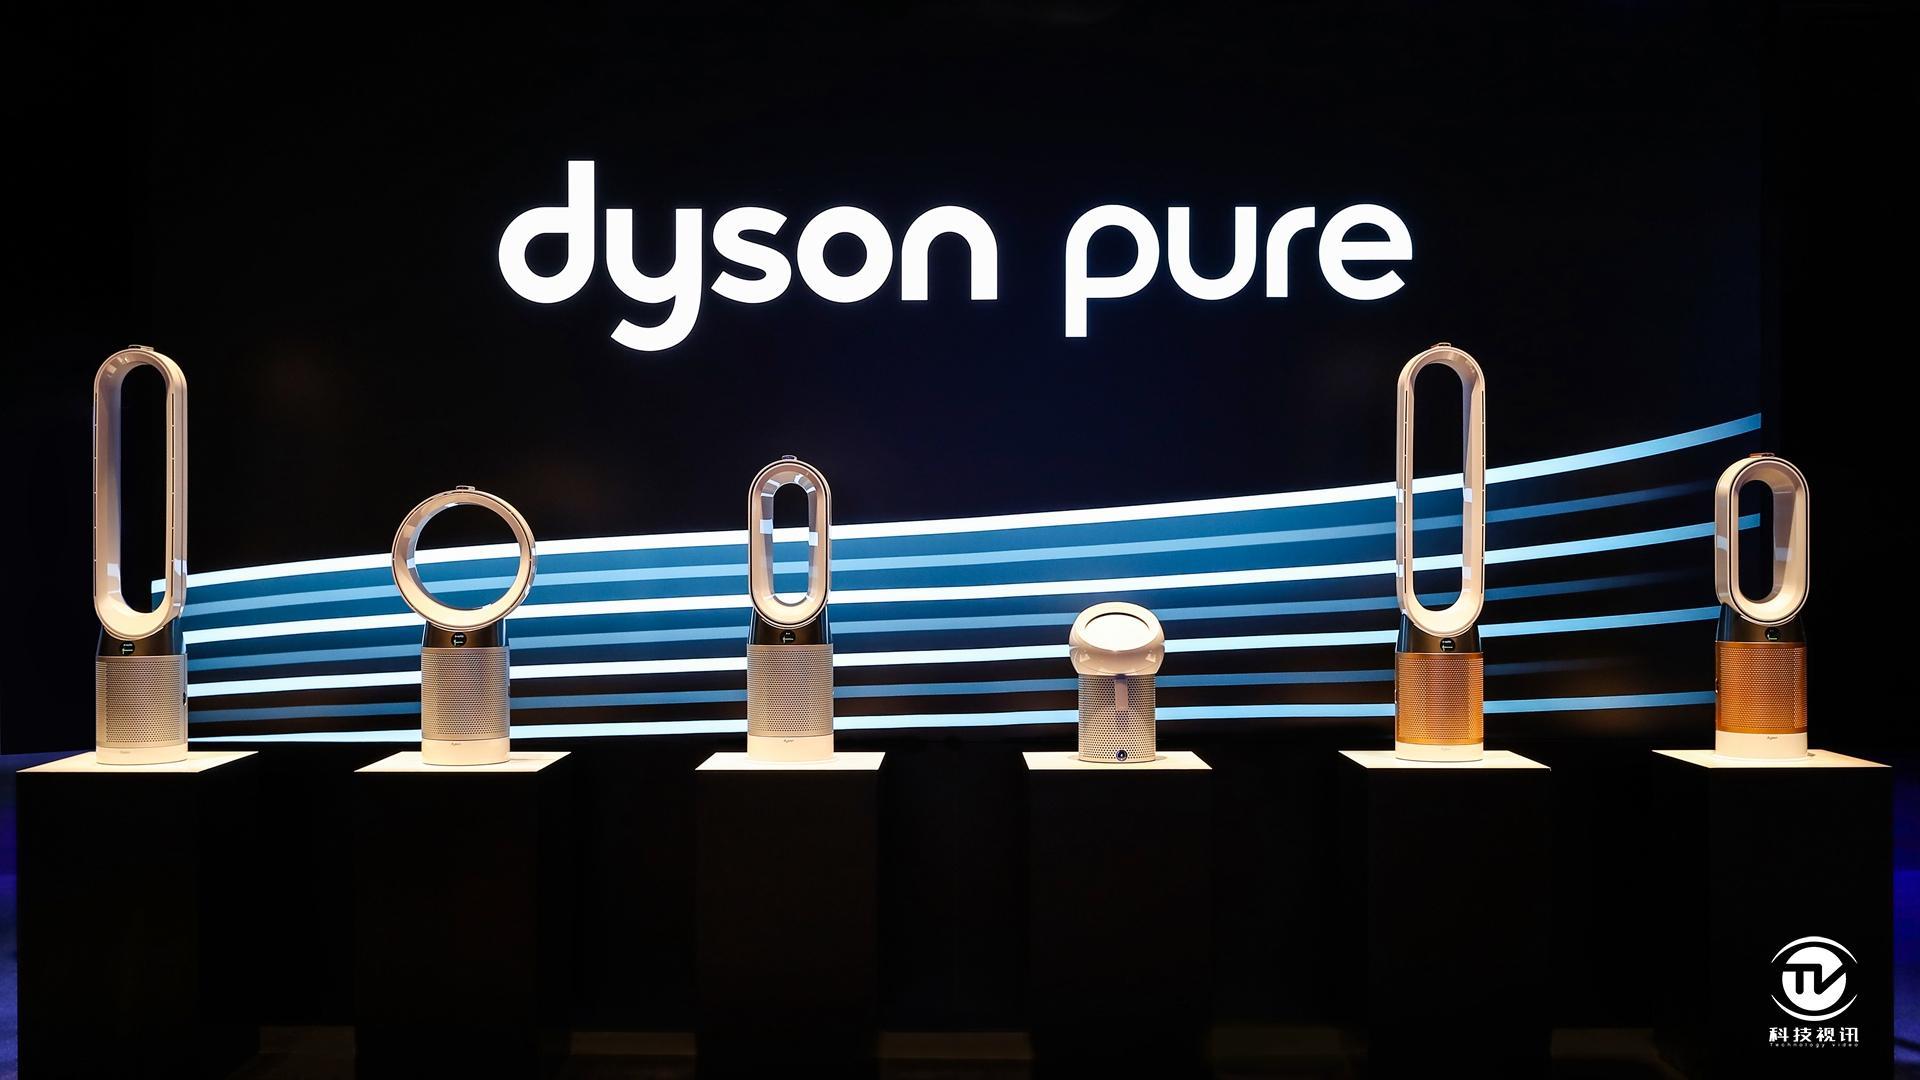 全新Dyson Pure Cryptomic 空气净化风扇捕获污染物并清除甲醛,喷射洁净空气覆盖整屋各个角落-1_副本.jpg